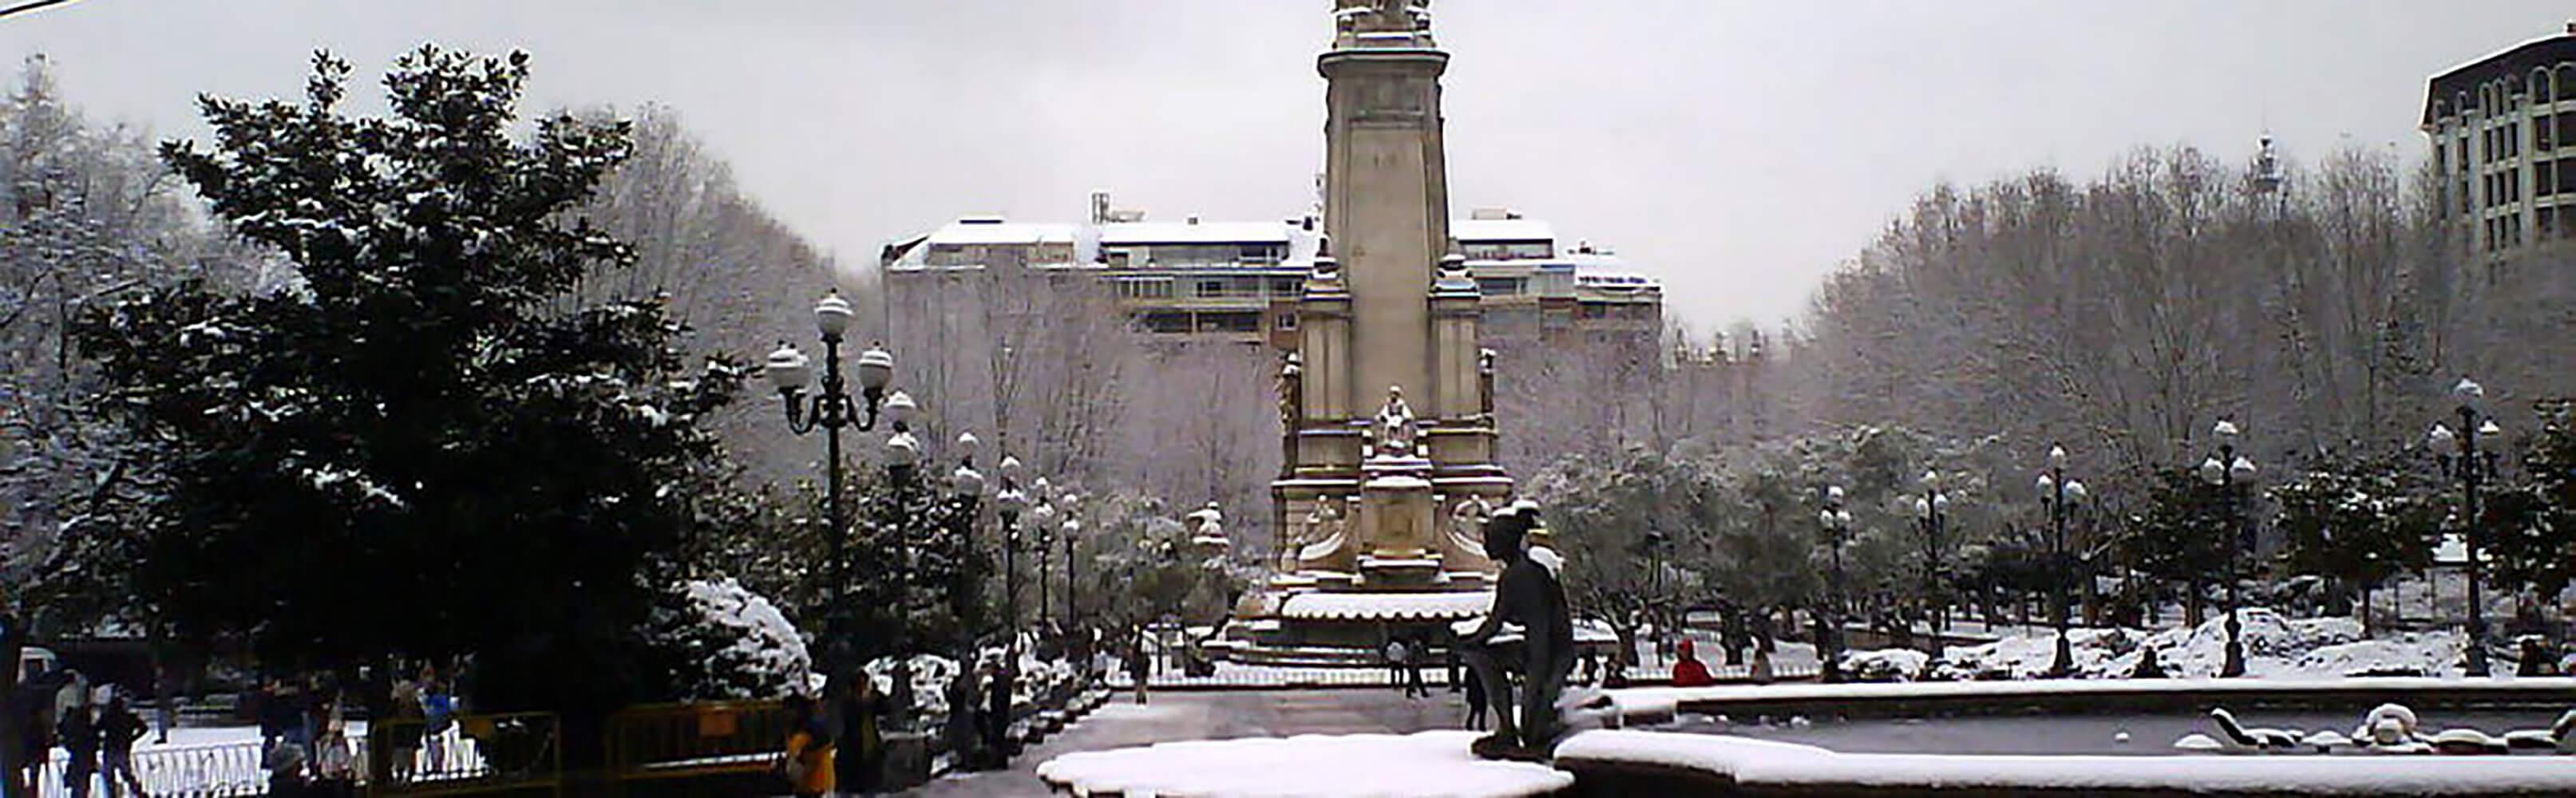 Plaza de España (Madrid) 1